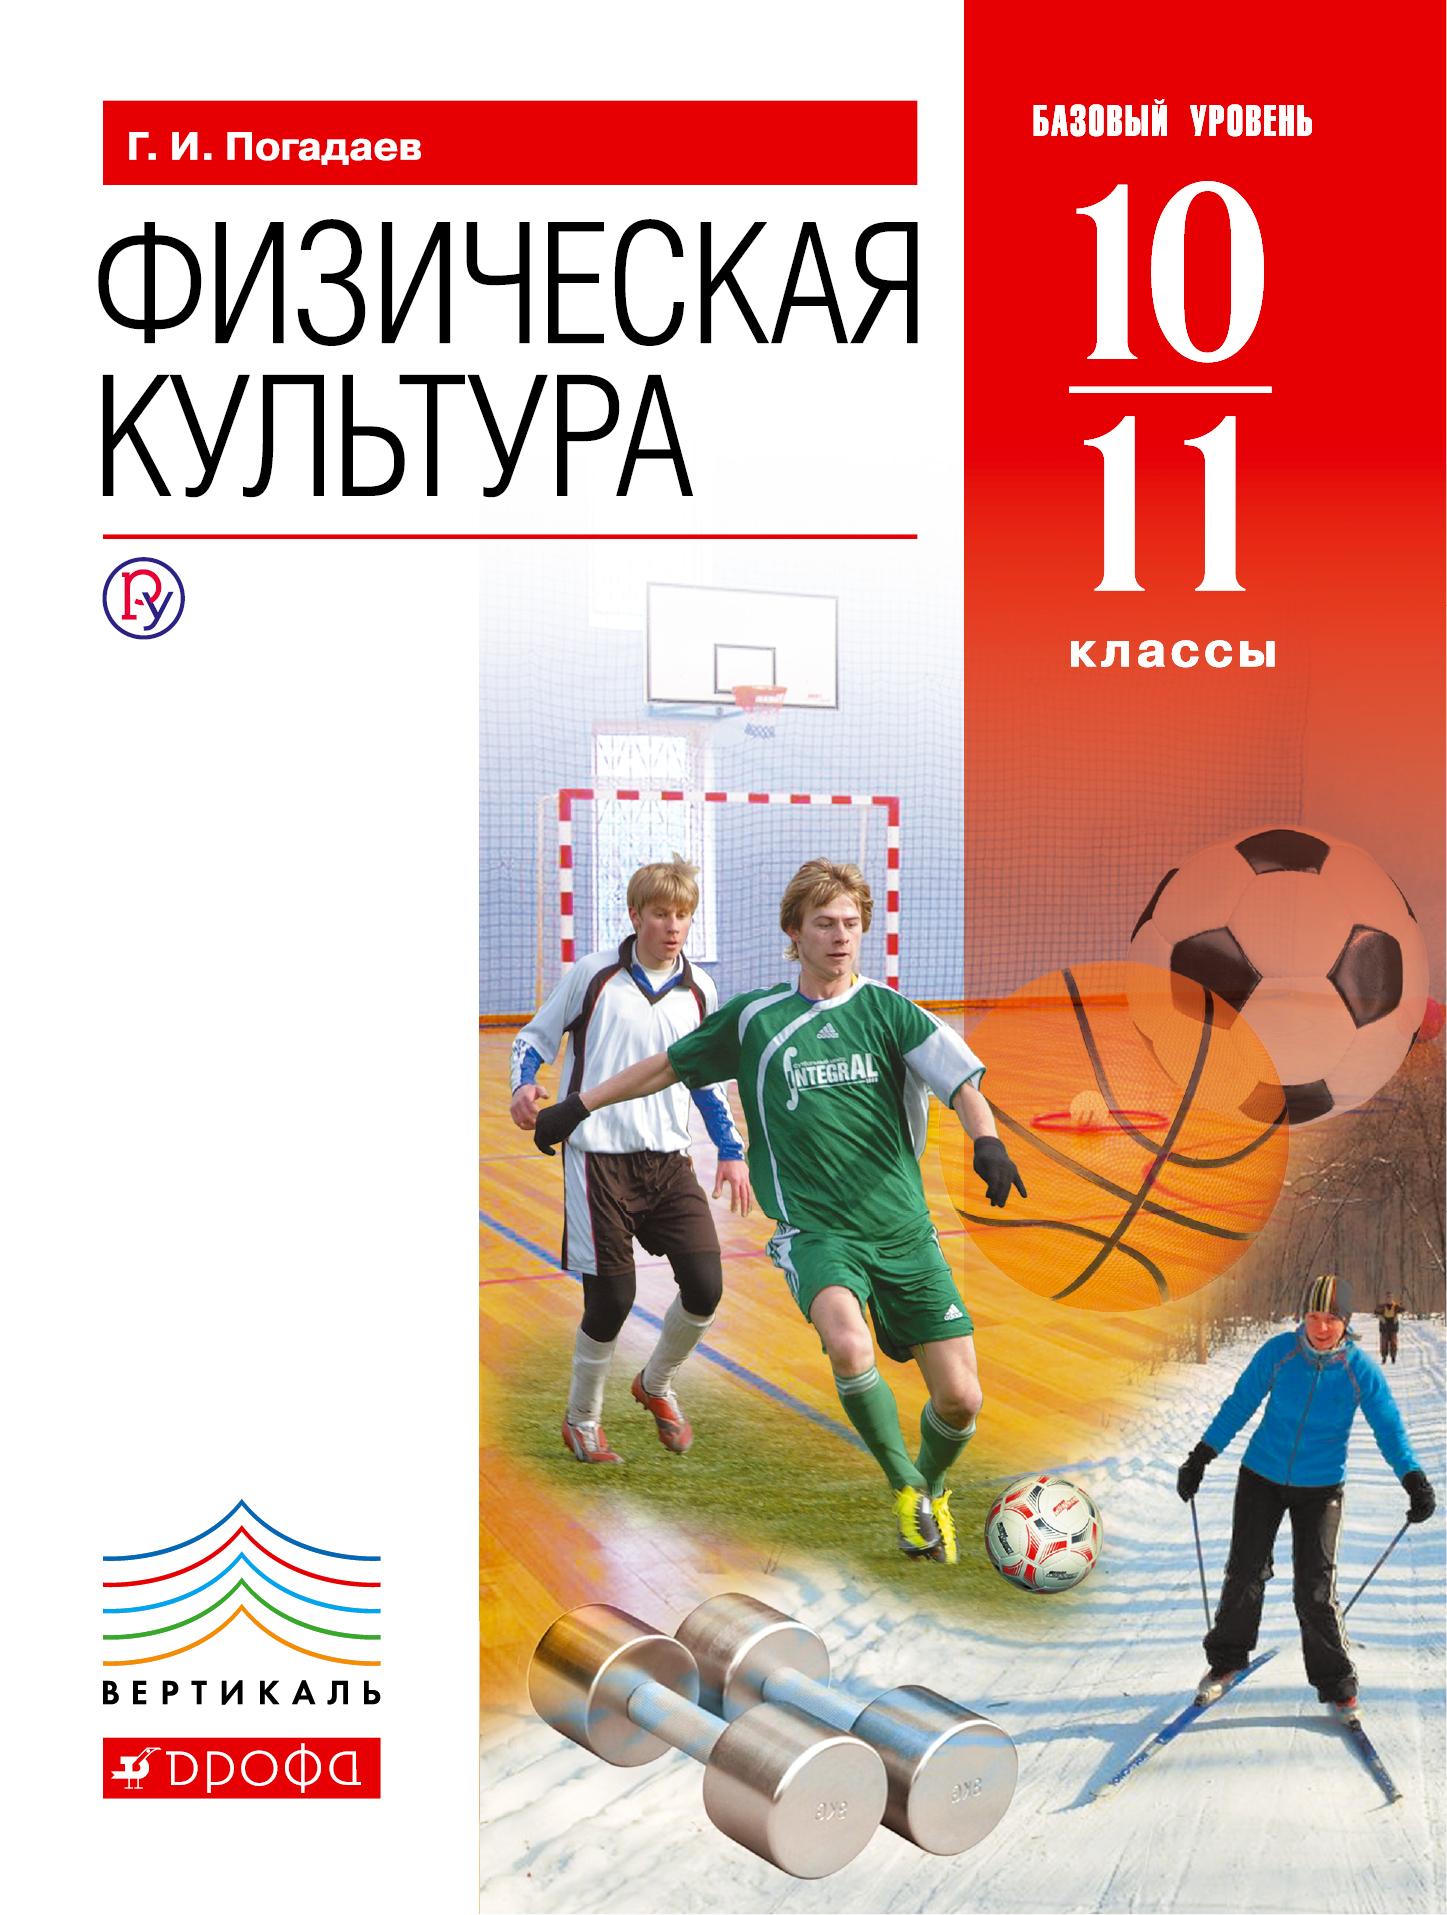 Погадаев Г.И. Физическая культура. Учебник. 10-11 кл. (базовый уровень). ВЕРТИКАЛЬ